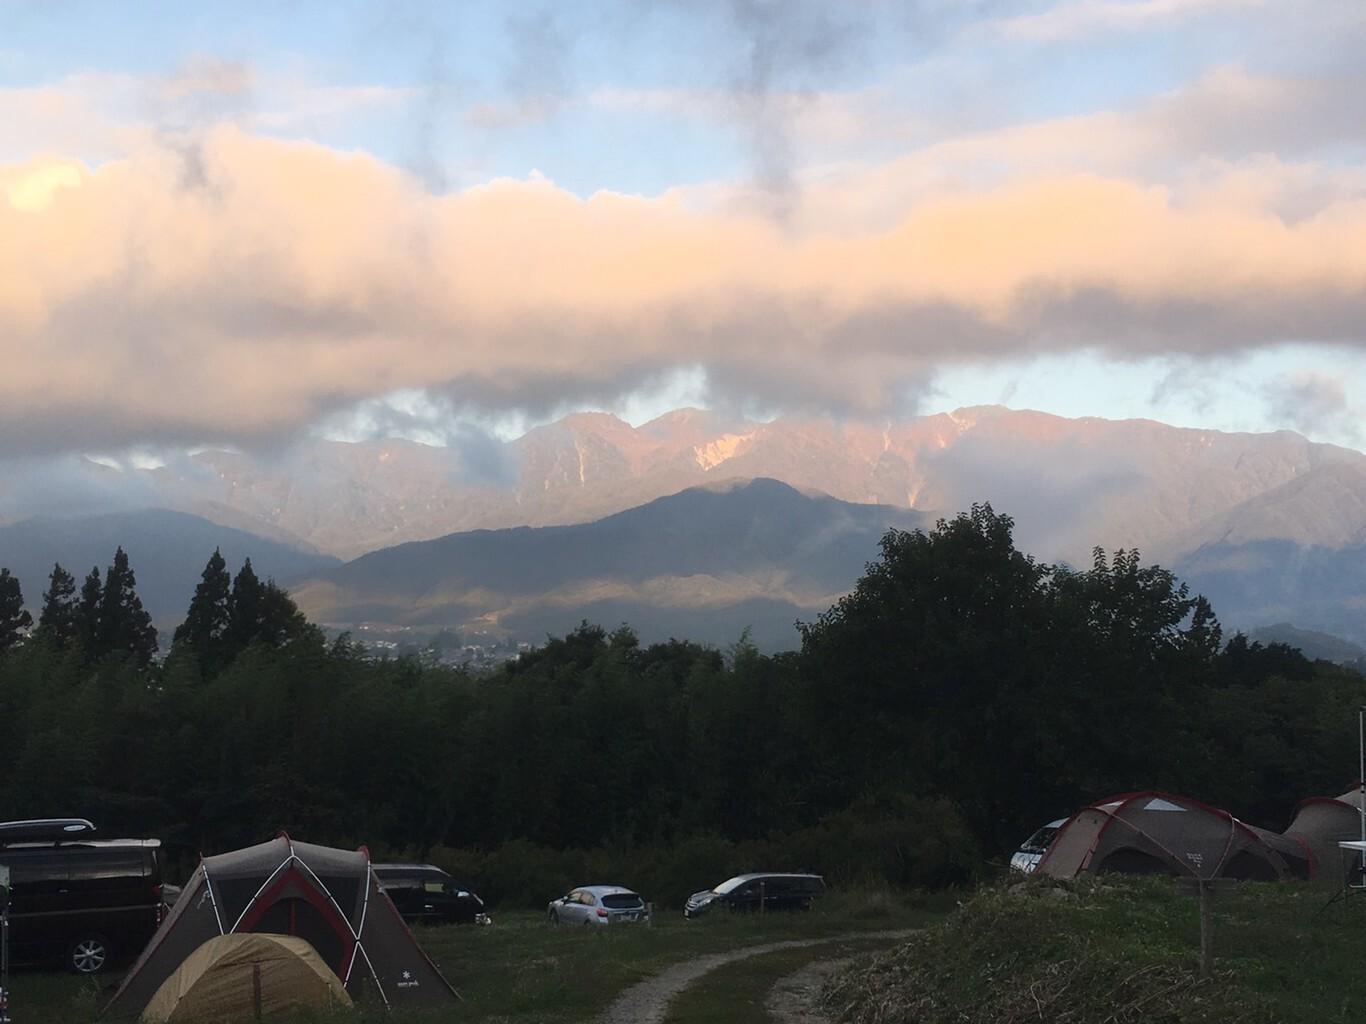 いなかの風キャンプ場 の写真p8034